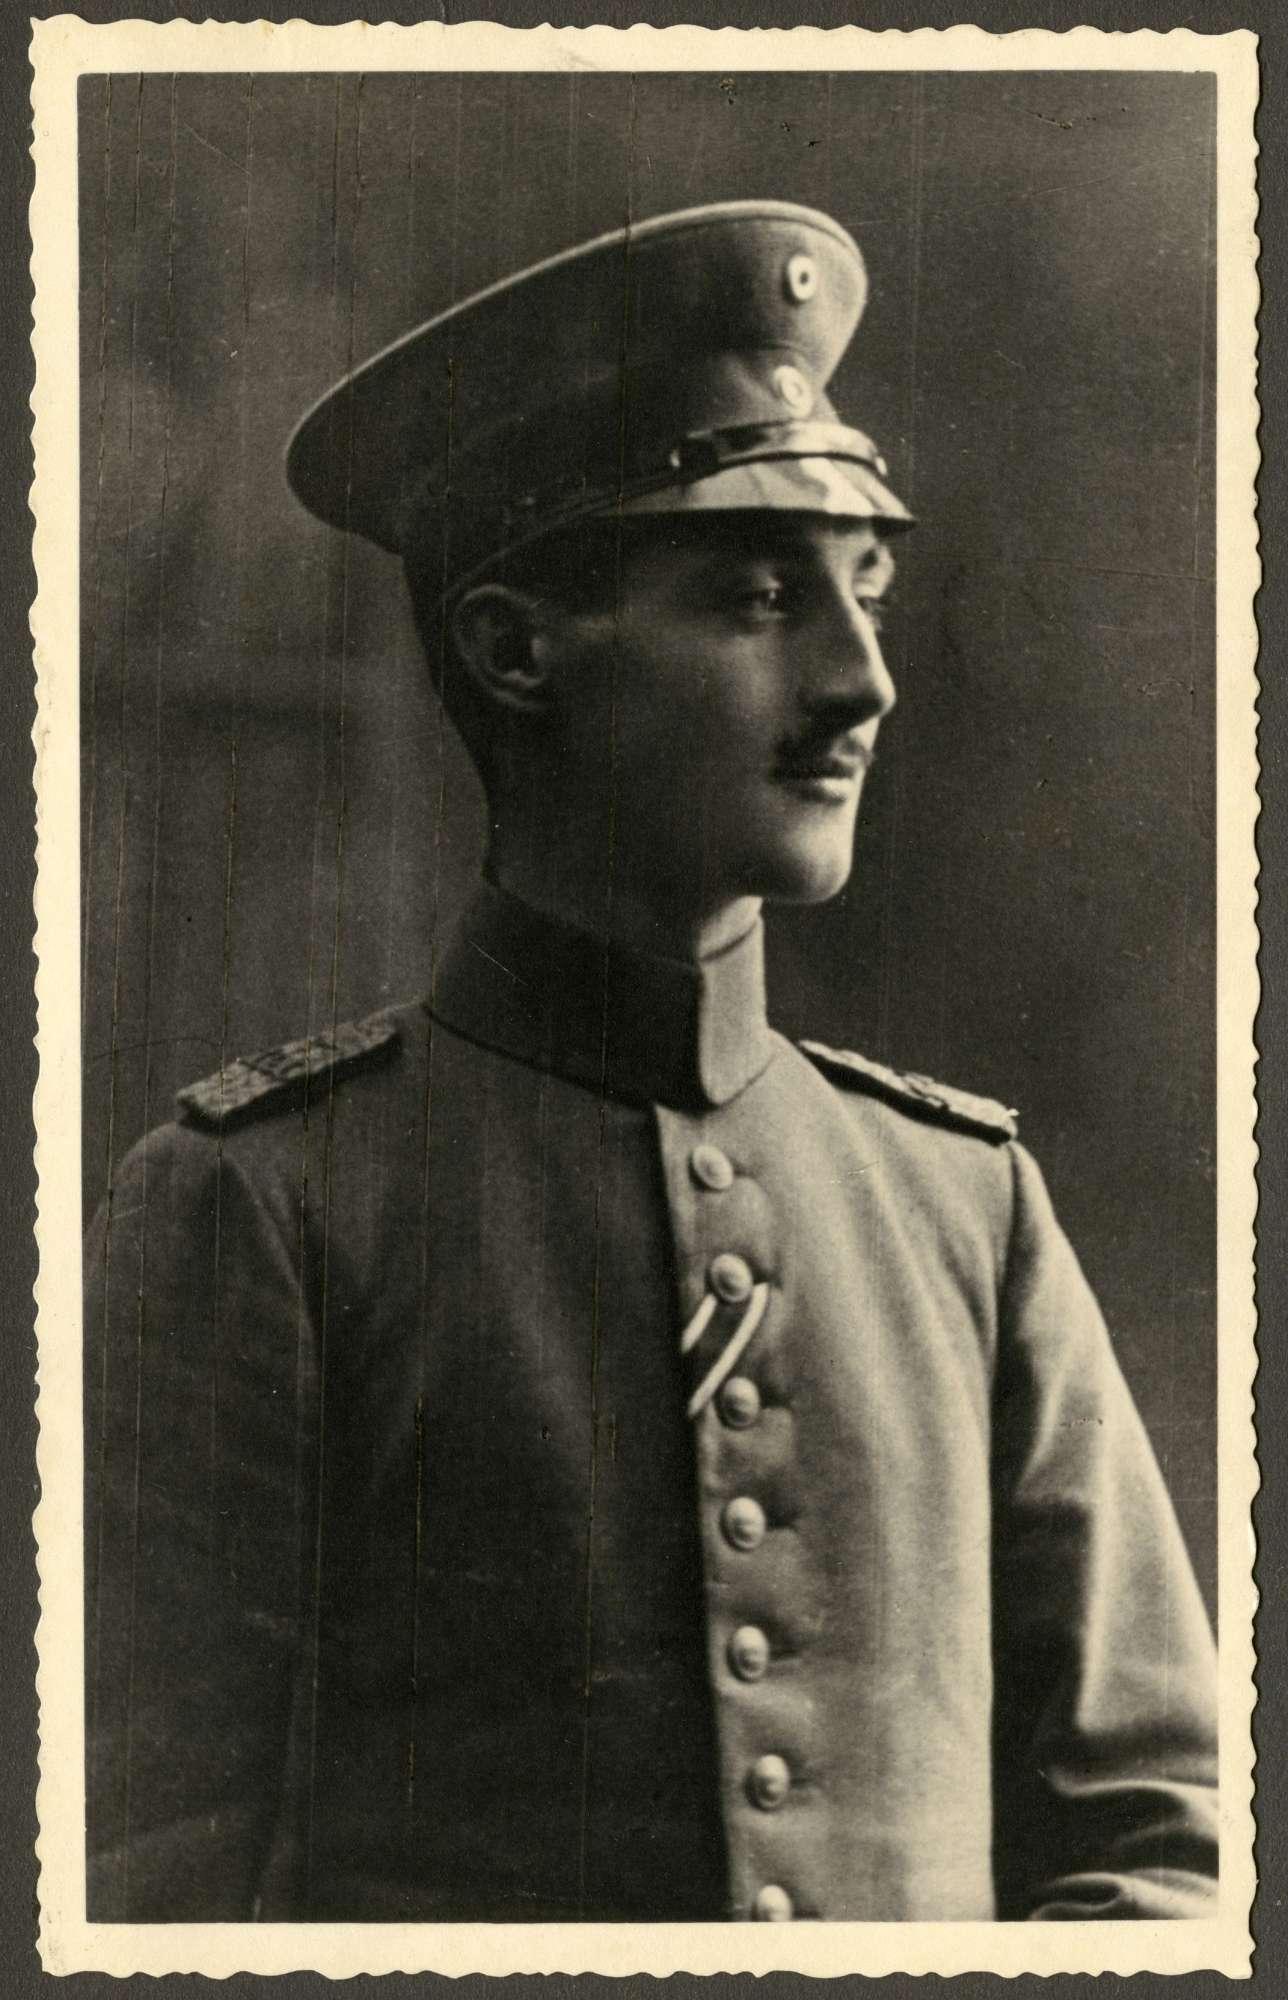 Schöllkopf, Walter, Bild 1